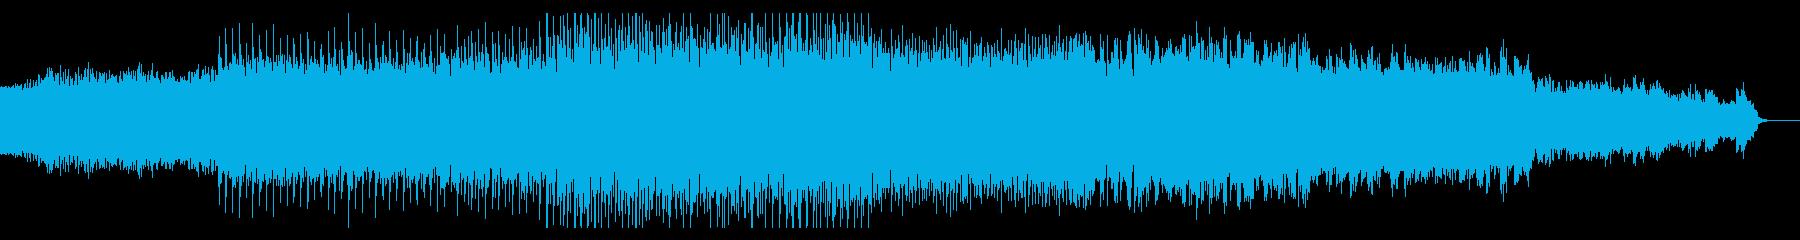 メカニカルなテクノの再生済みの波形